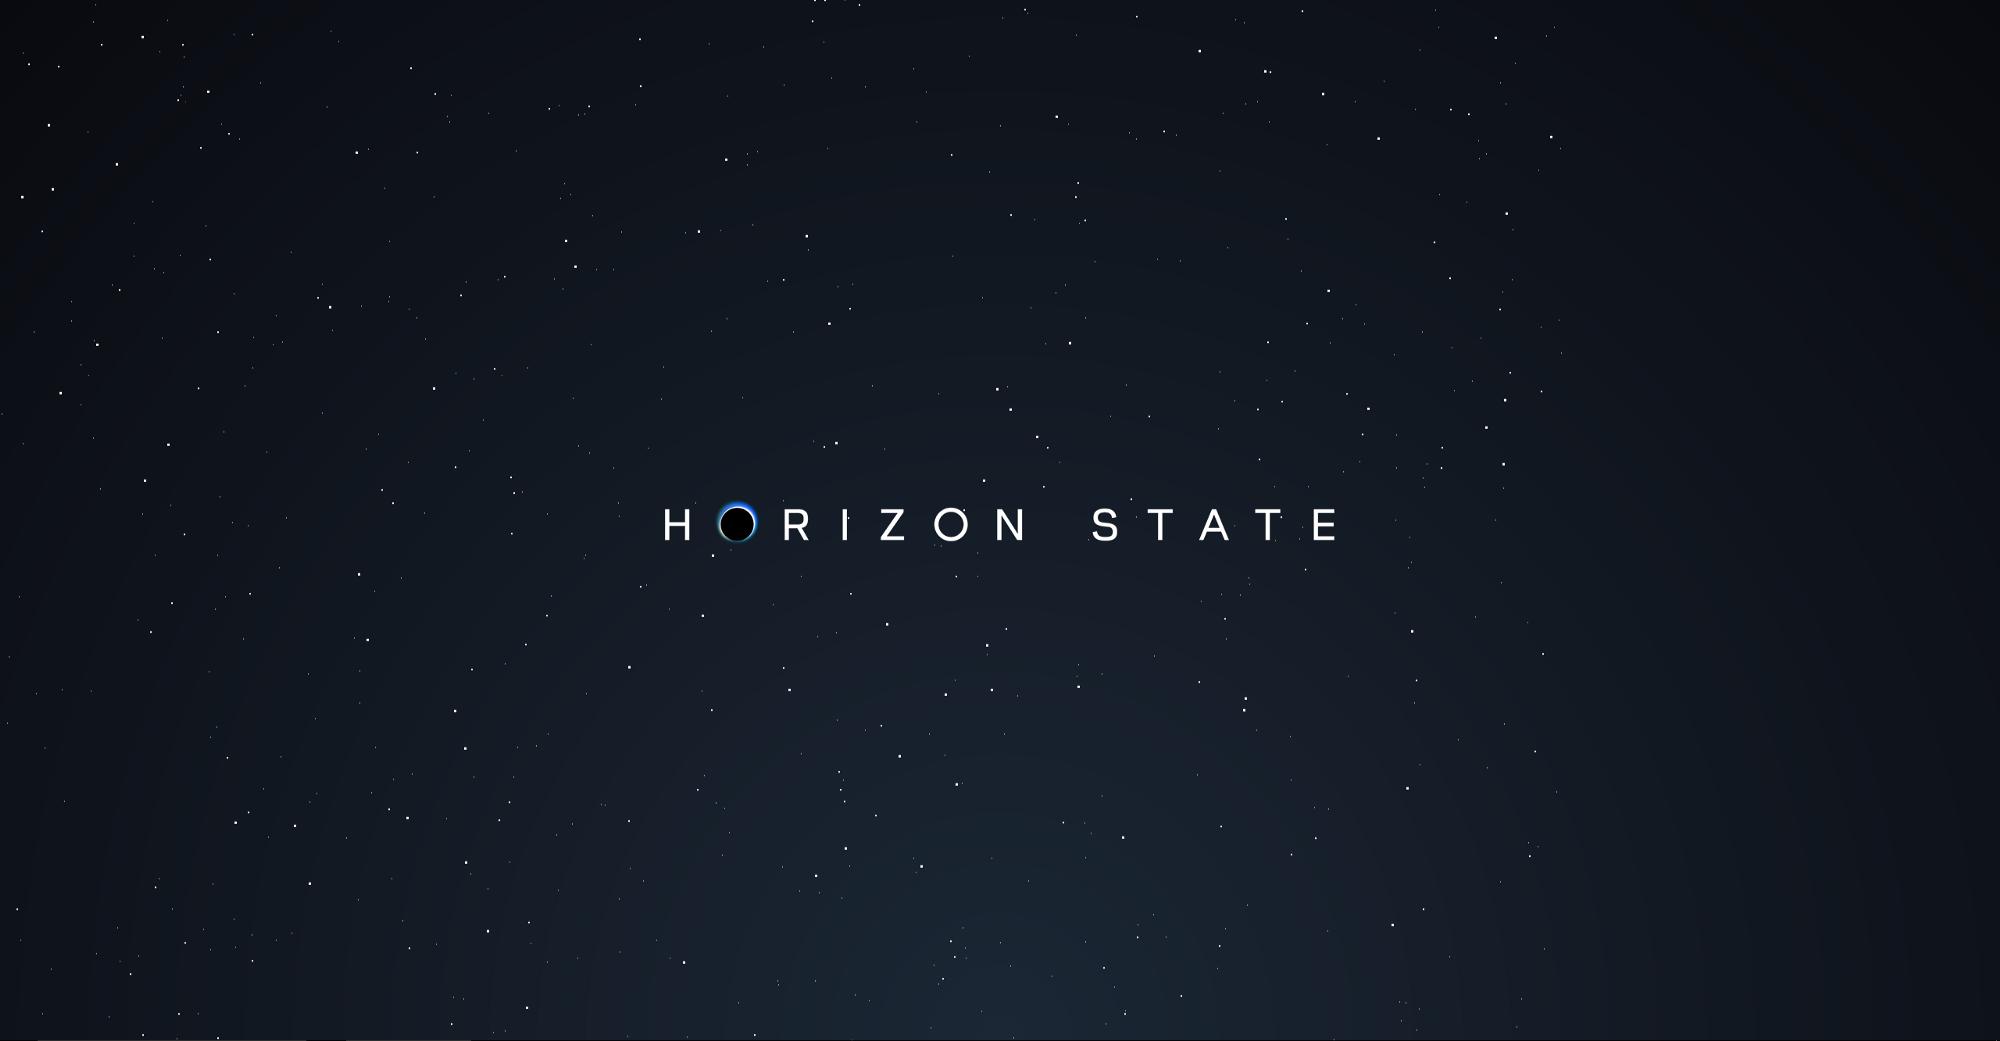 Horizon State logo